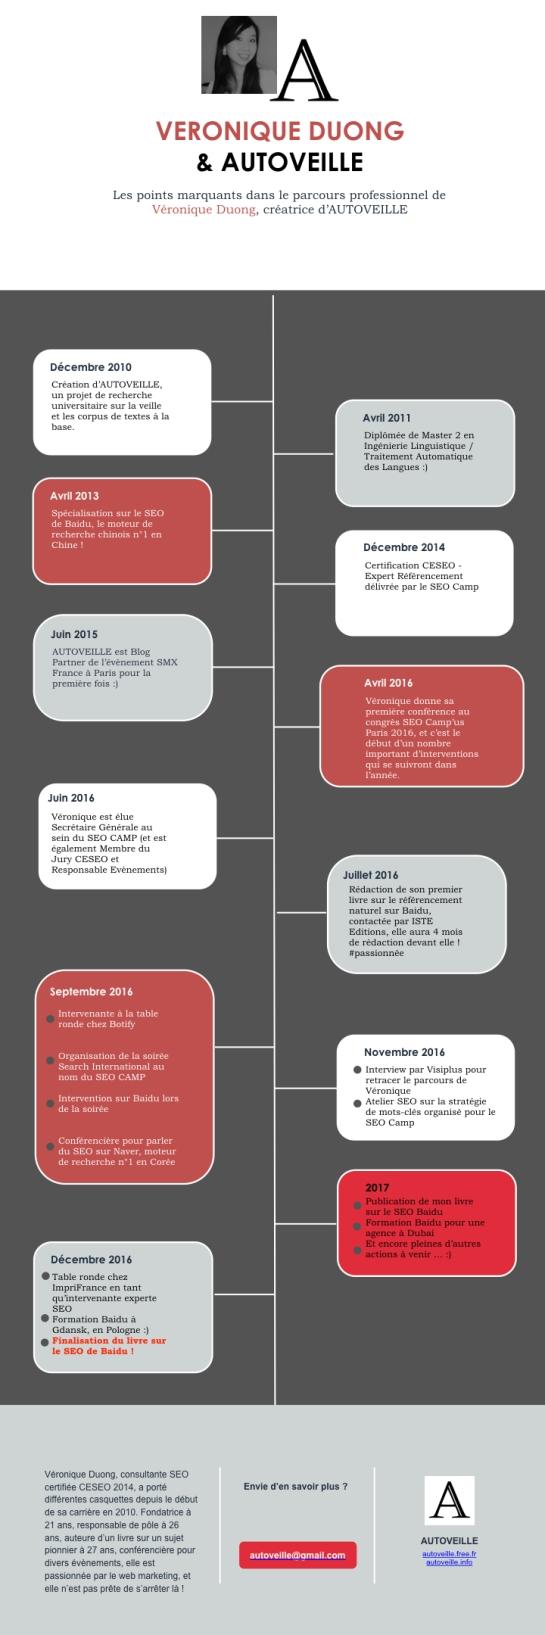 infographie-veronique-duong-cv-AUTOVEILLE